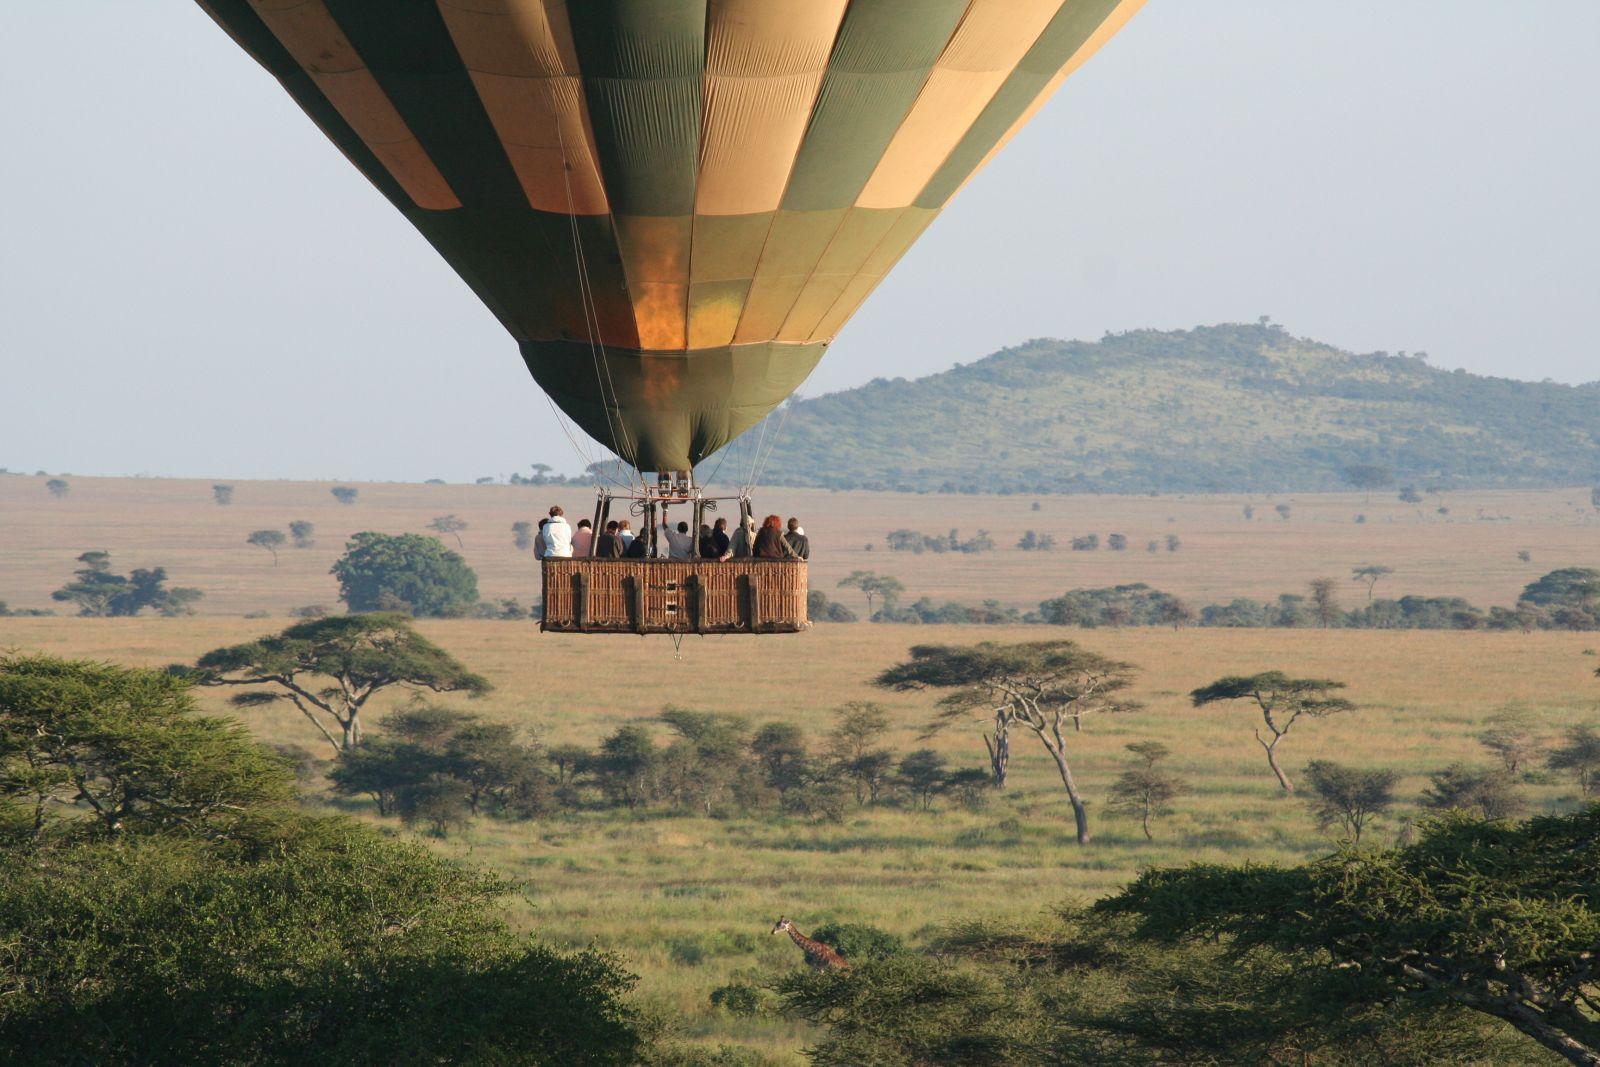 Balloon on safari